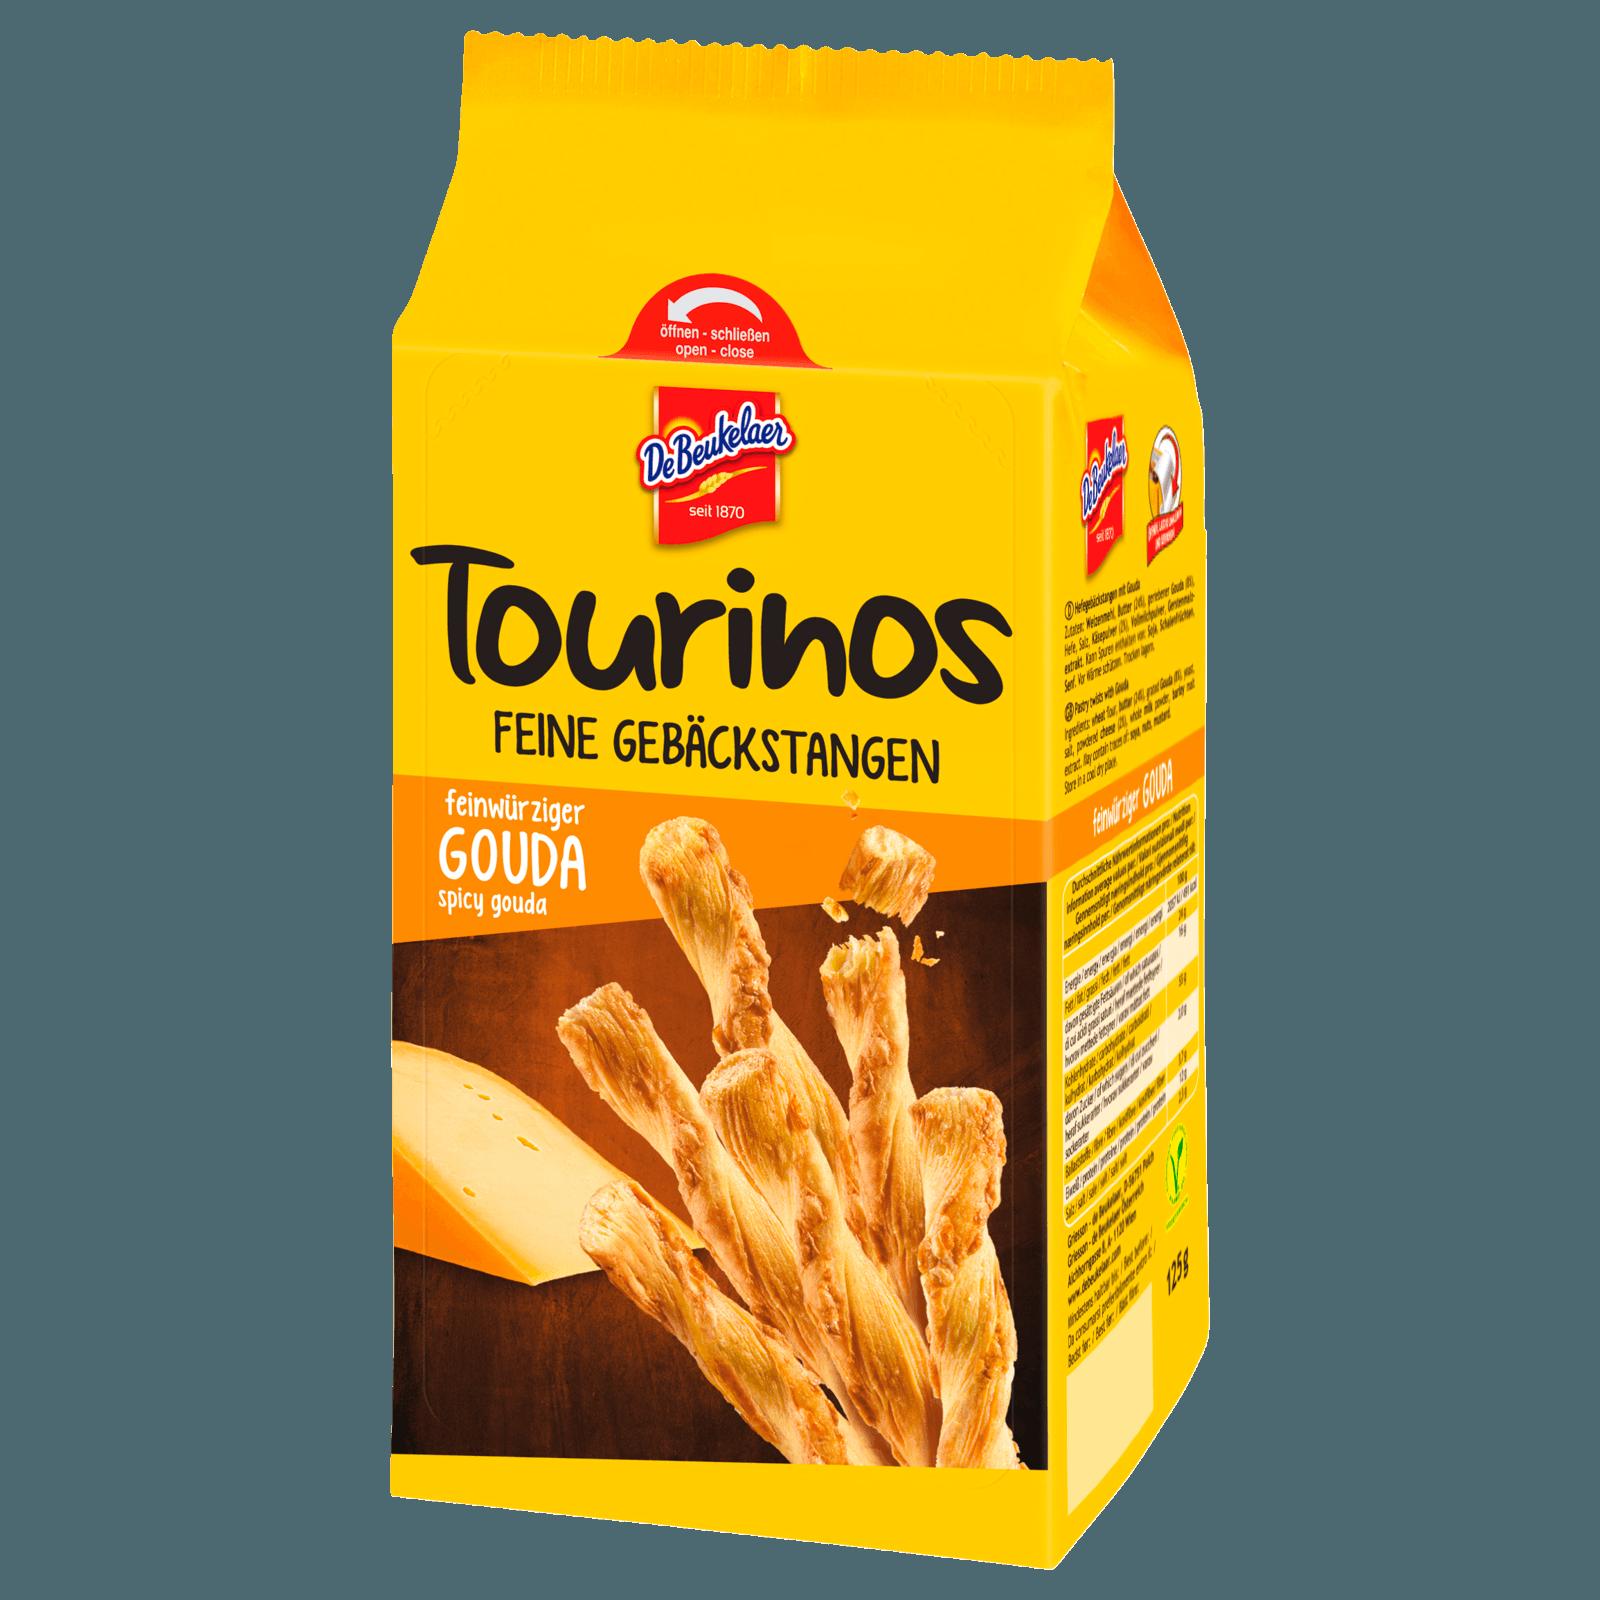 De Beukelaer Snacks Tourinos Feinwürziger Gouda 125g